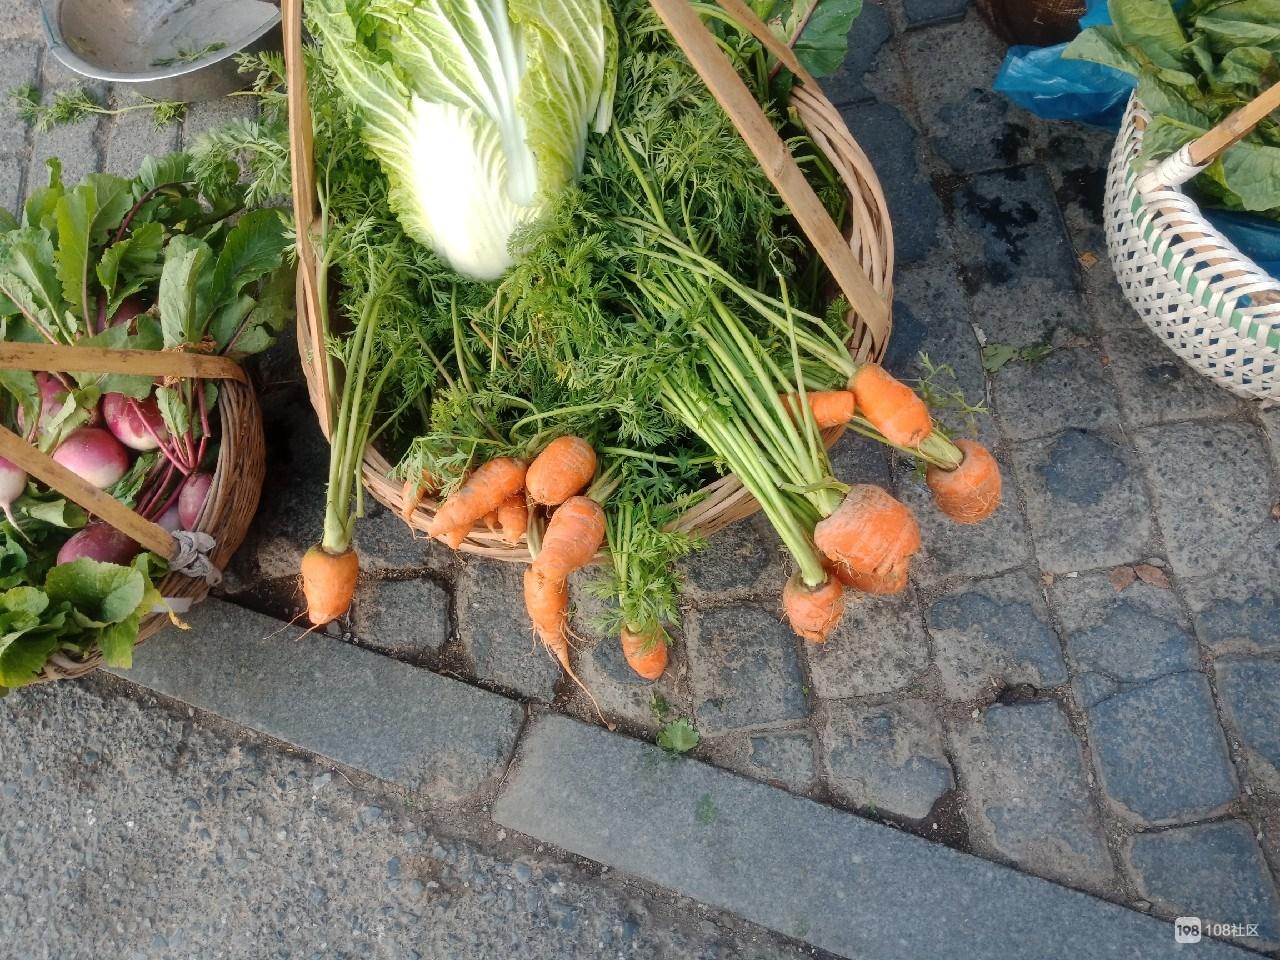 孤独老人卖菜为生,长兴女子倍感心酸,立即做出善事!